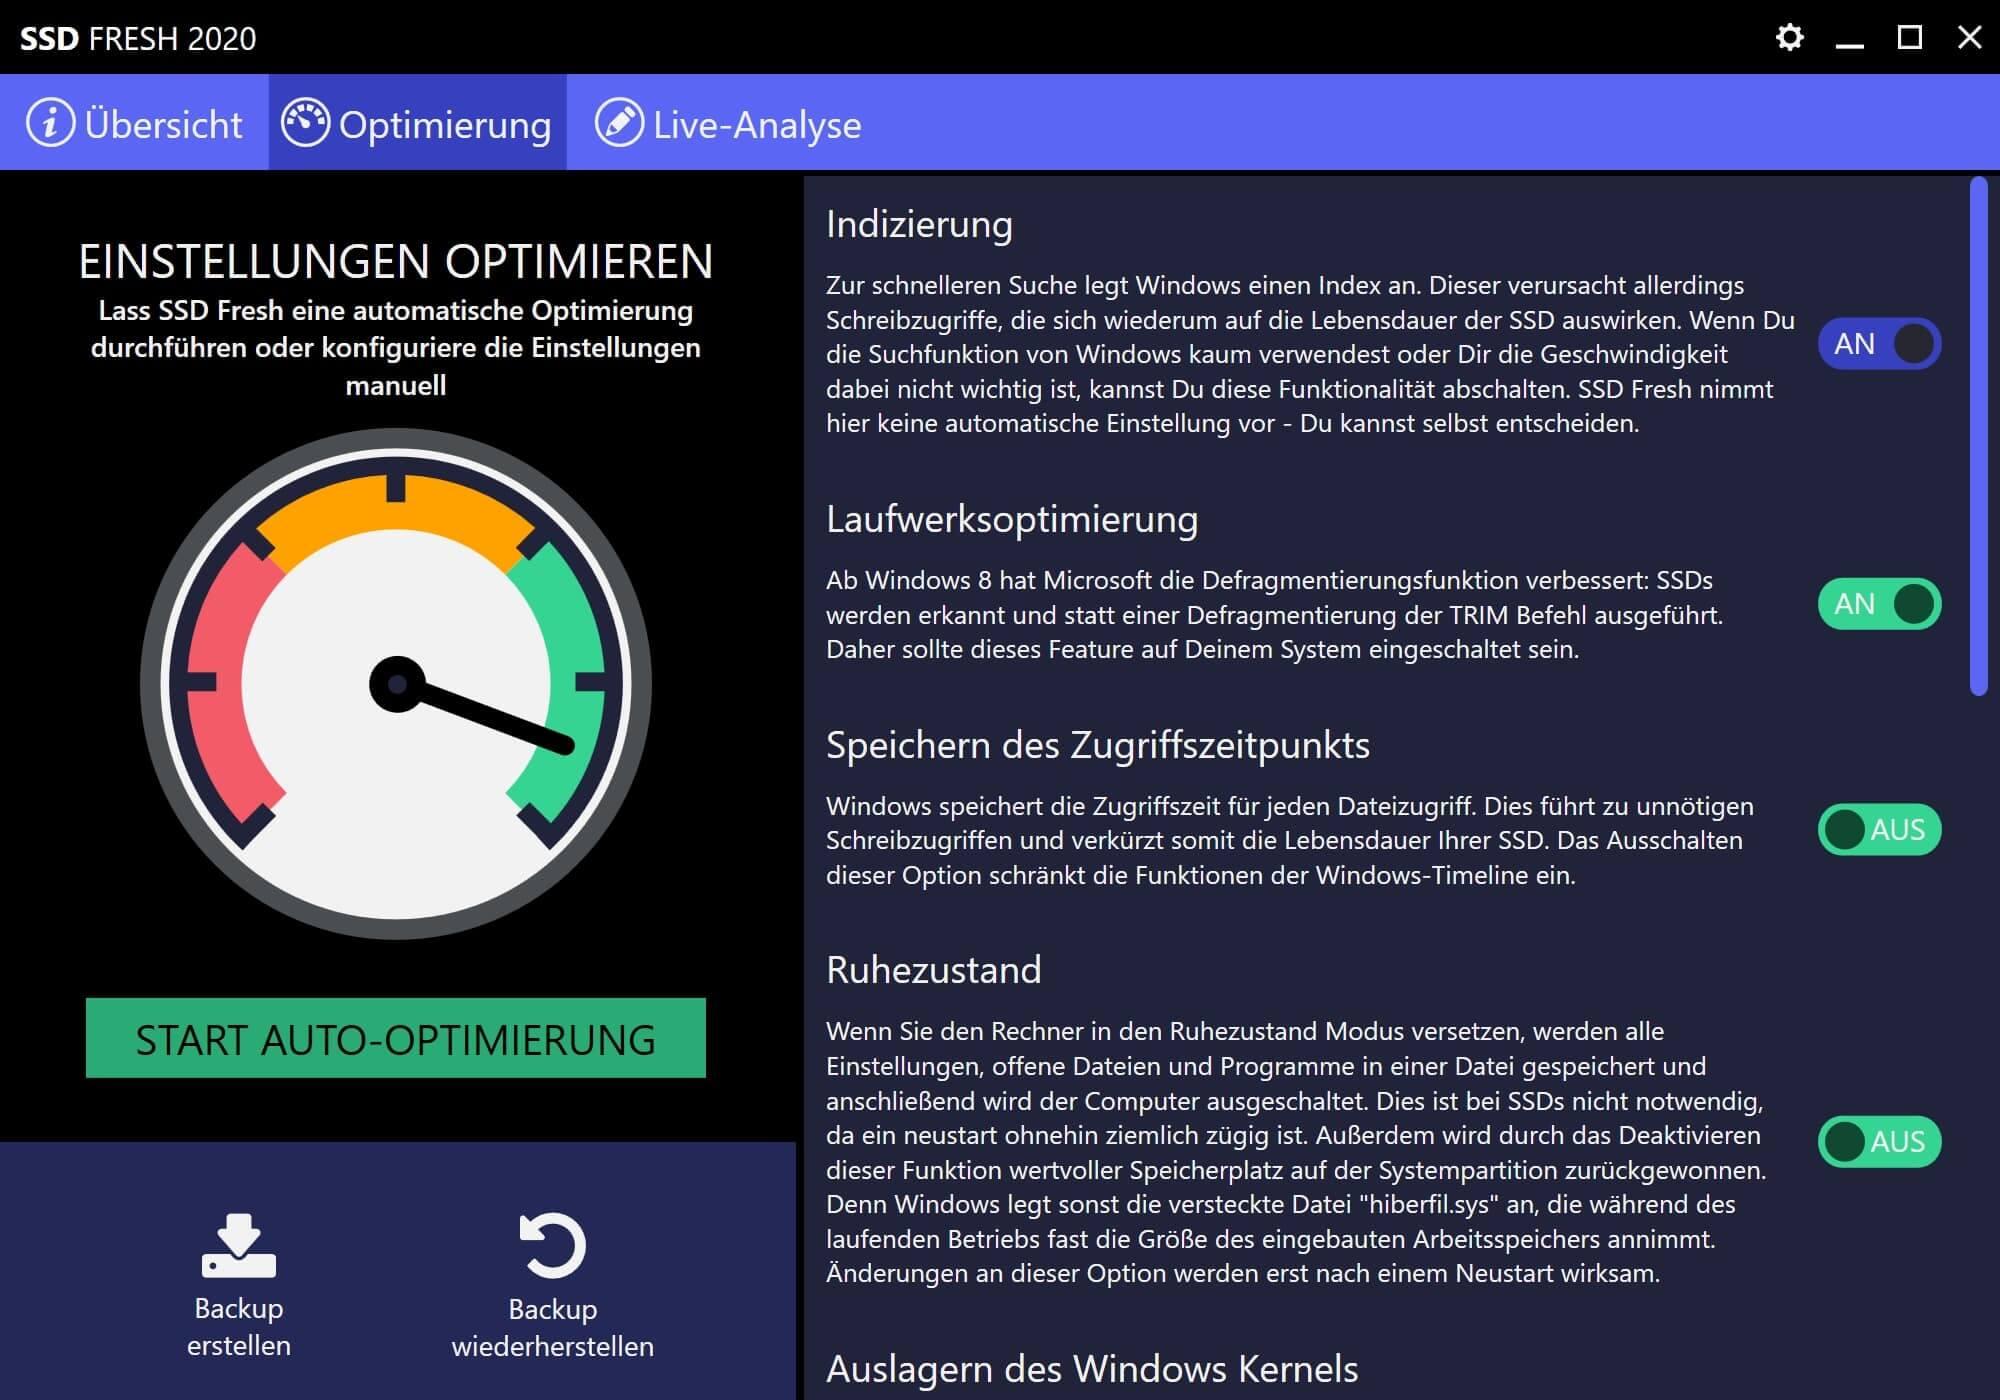 Windows 7 SSD optimieren - Optimierung erfolgreich